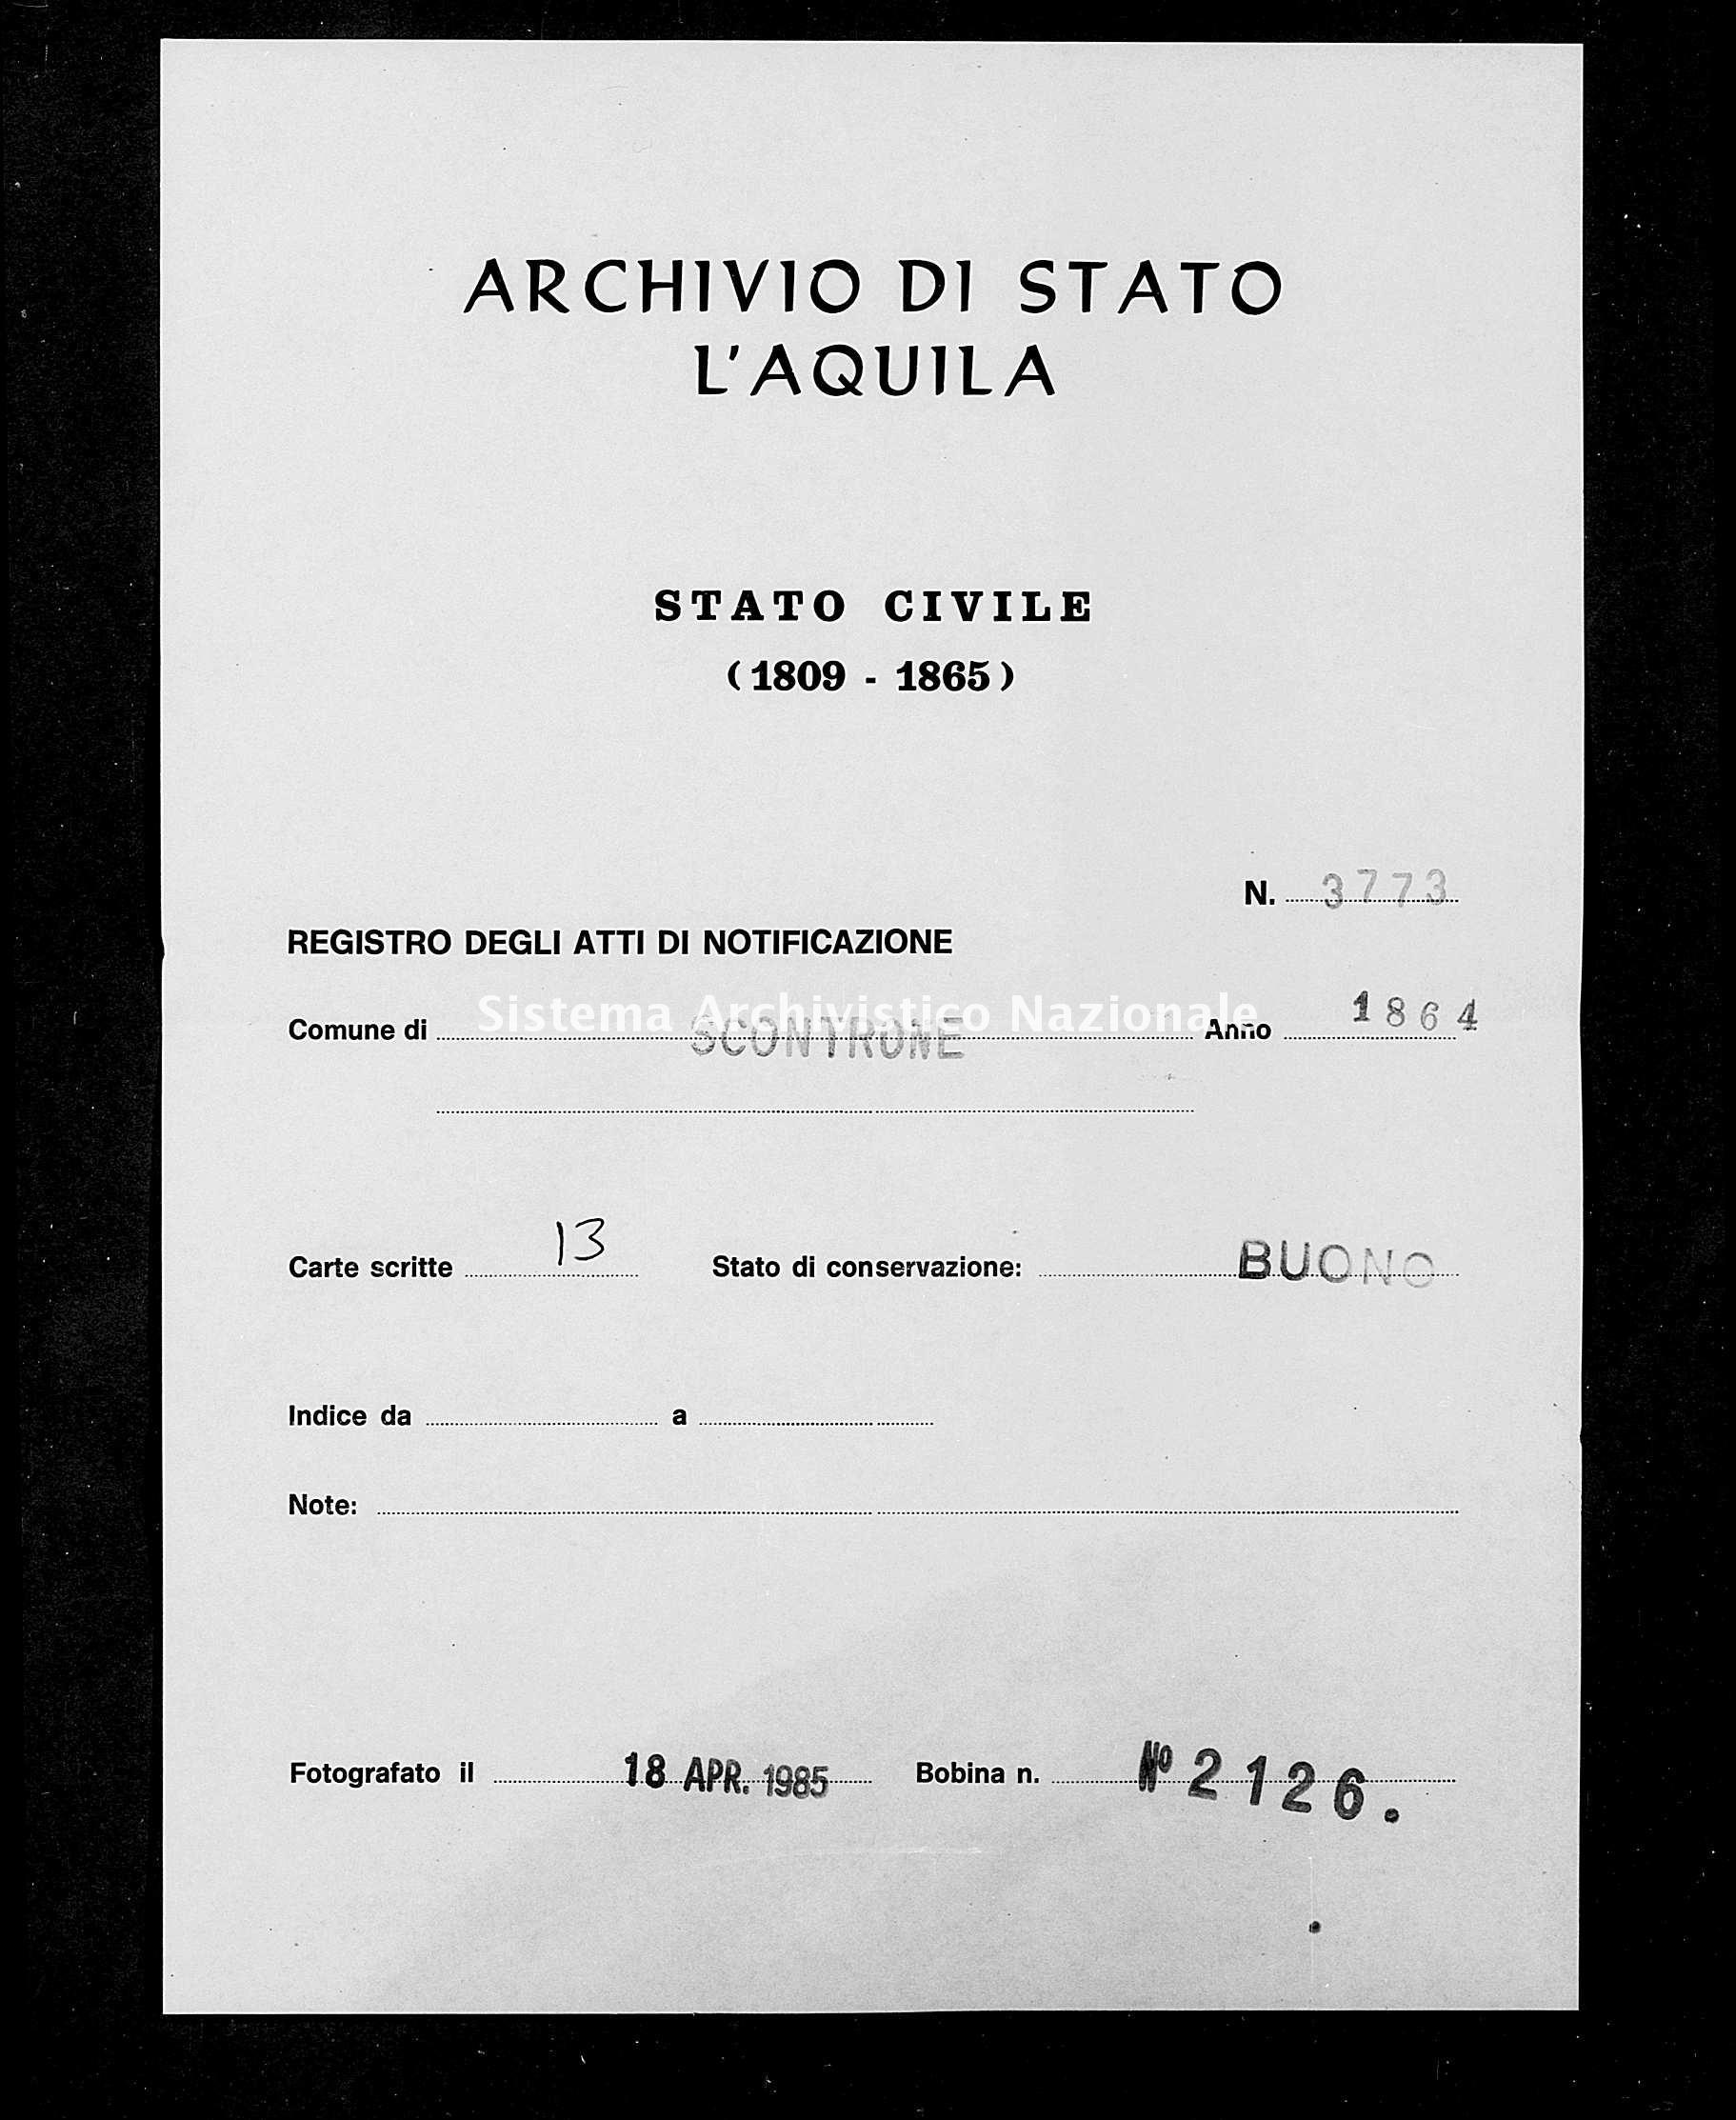 Archivio di stato di L'aquila - Stato civile italiano - Scontrone - Matrimoni, memorandum notificazioni ed opposizioni - 1864 - 3773 -